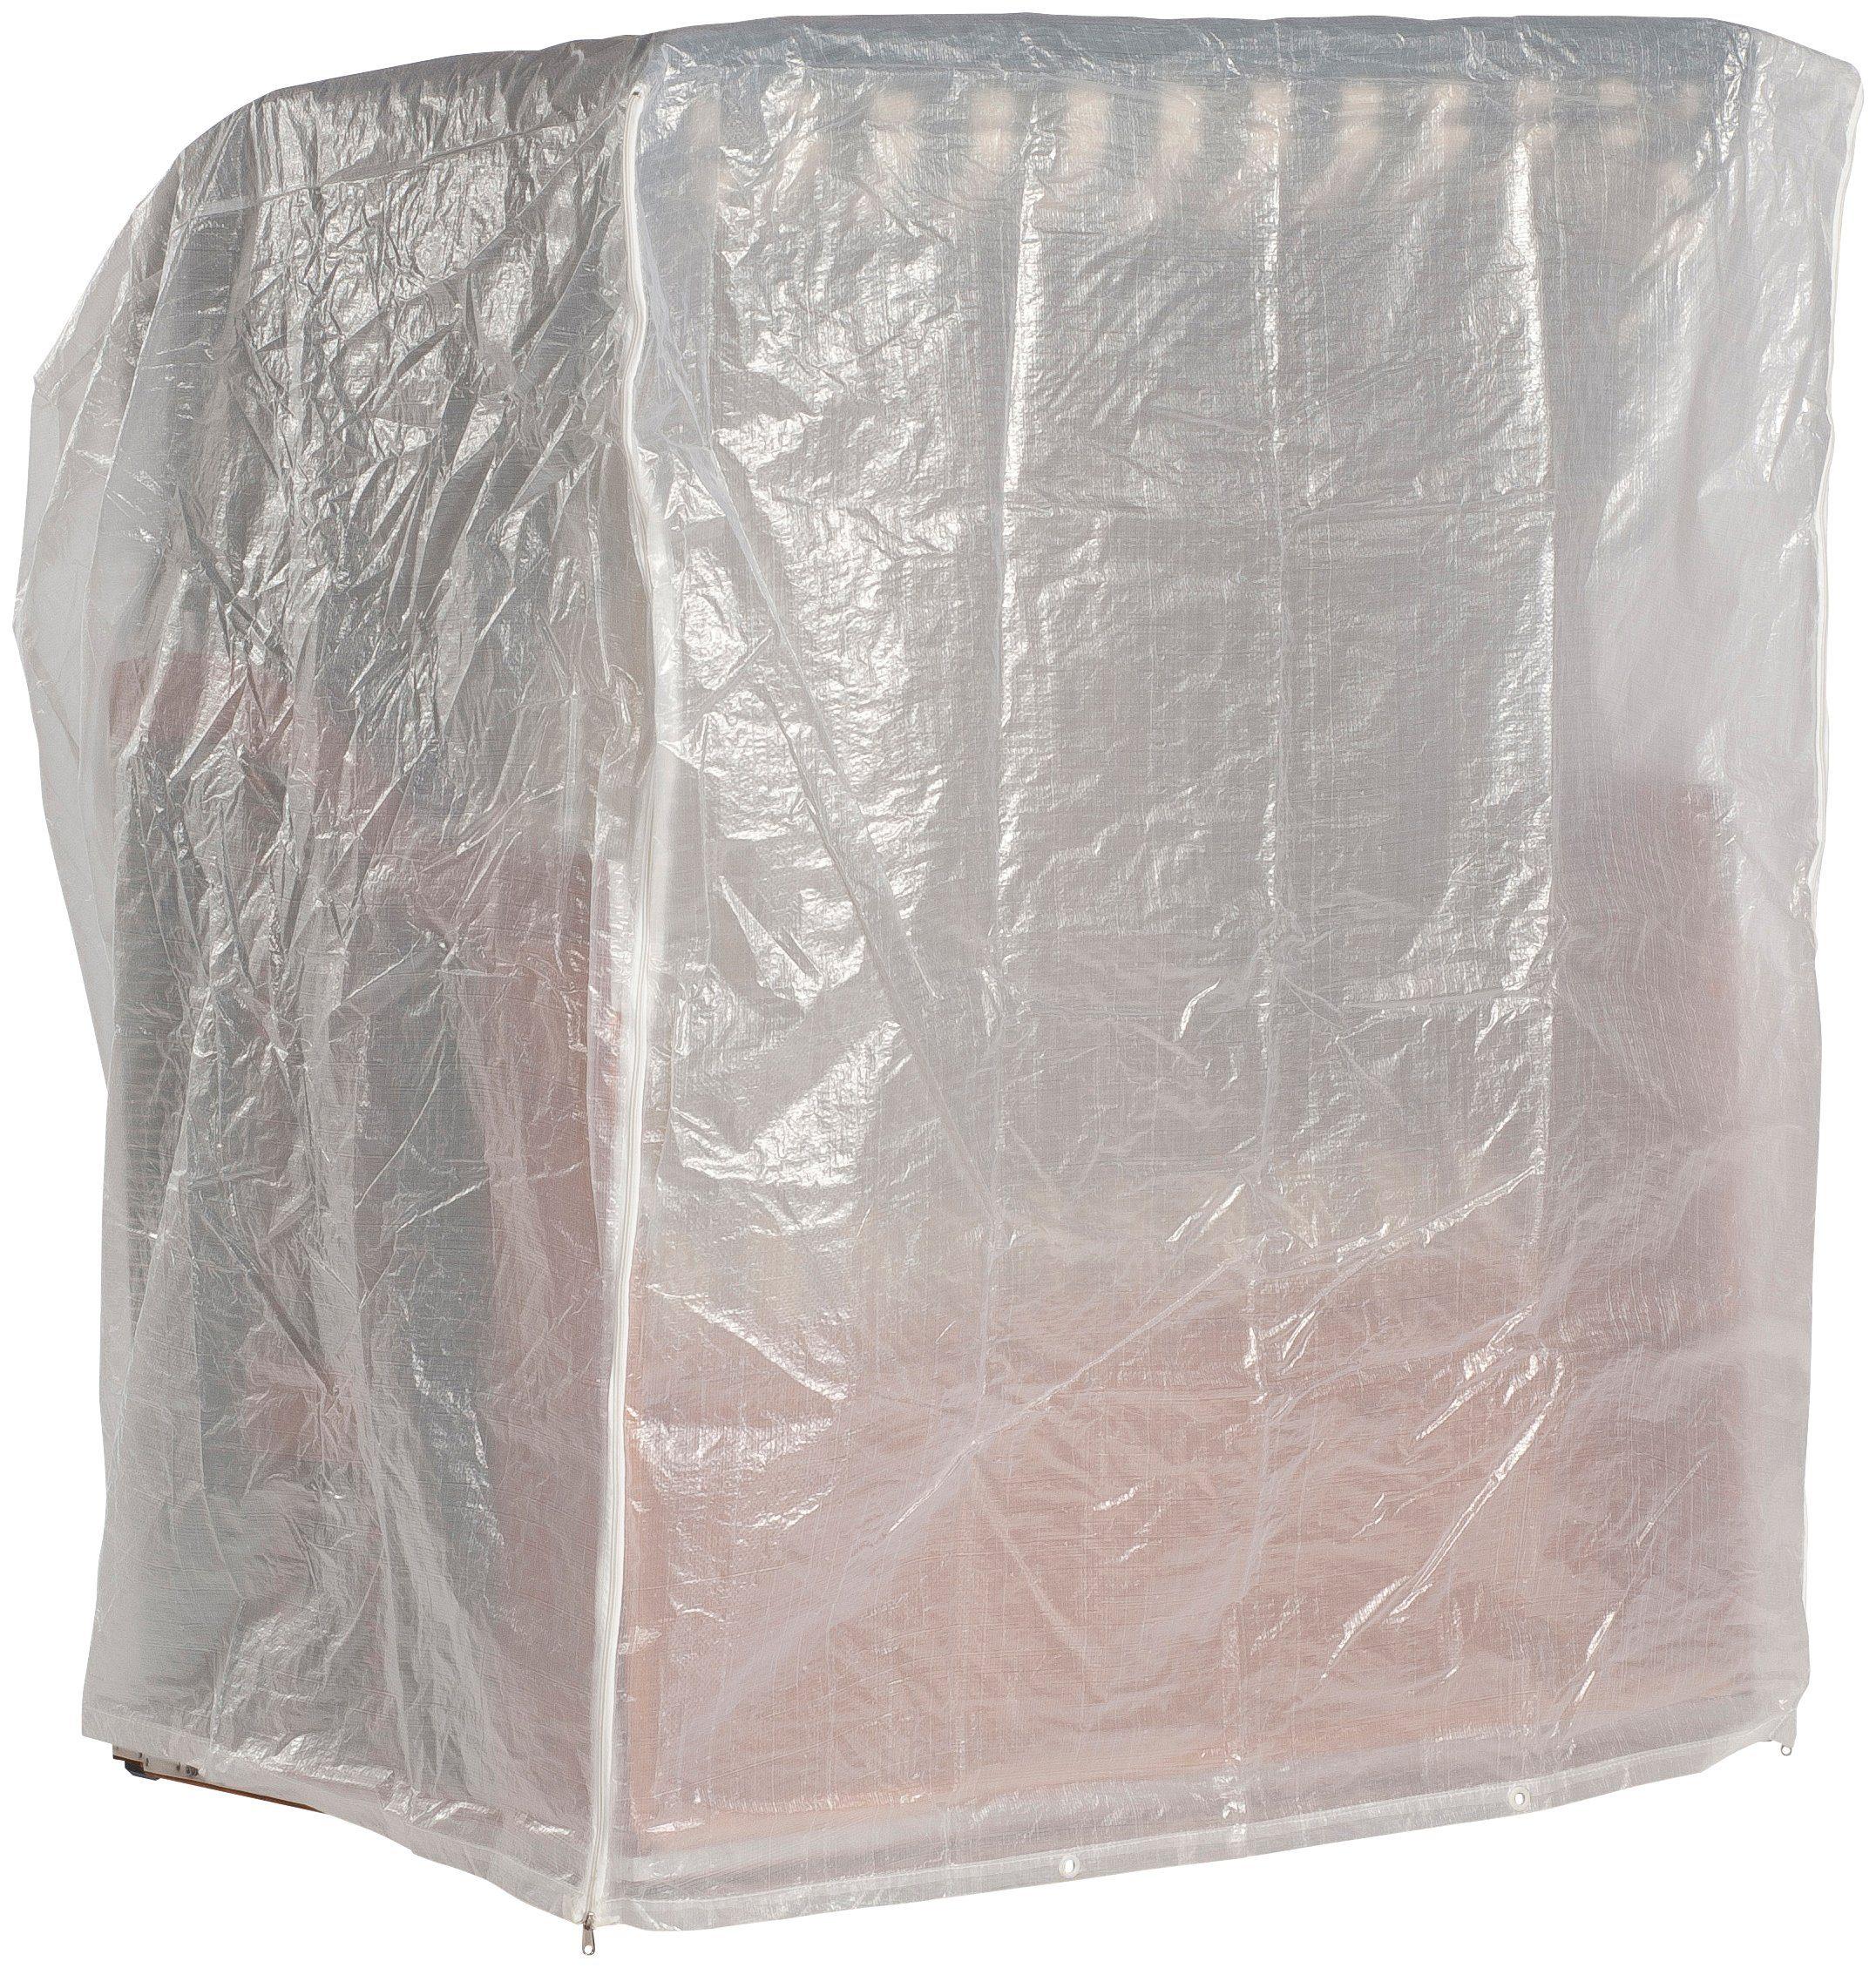 Schutzhülle, für Strandkorb, B/T/H: 135/115/160 cm, weiß